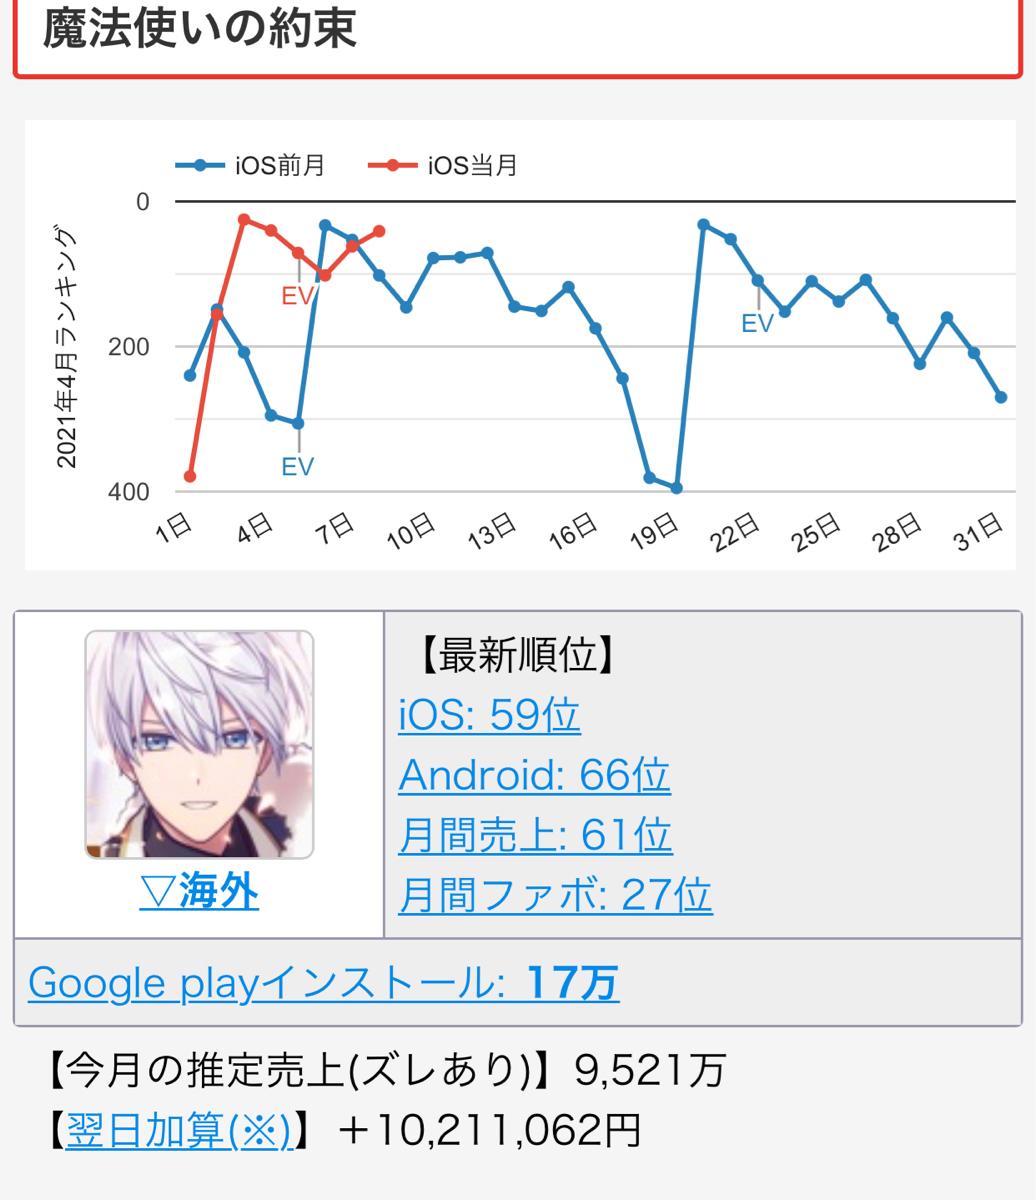 4175 - (株)coly  2021/4月のiOSの売り上げ倍いきそうですね。   http://game-i.daa.jp/